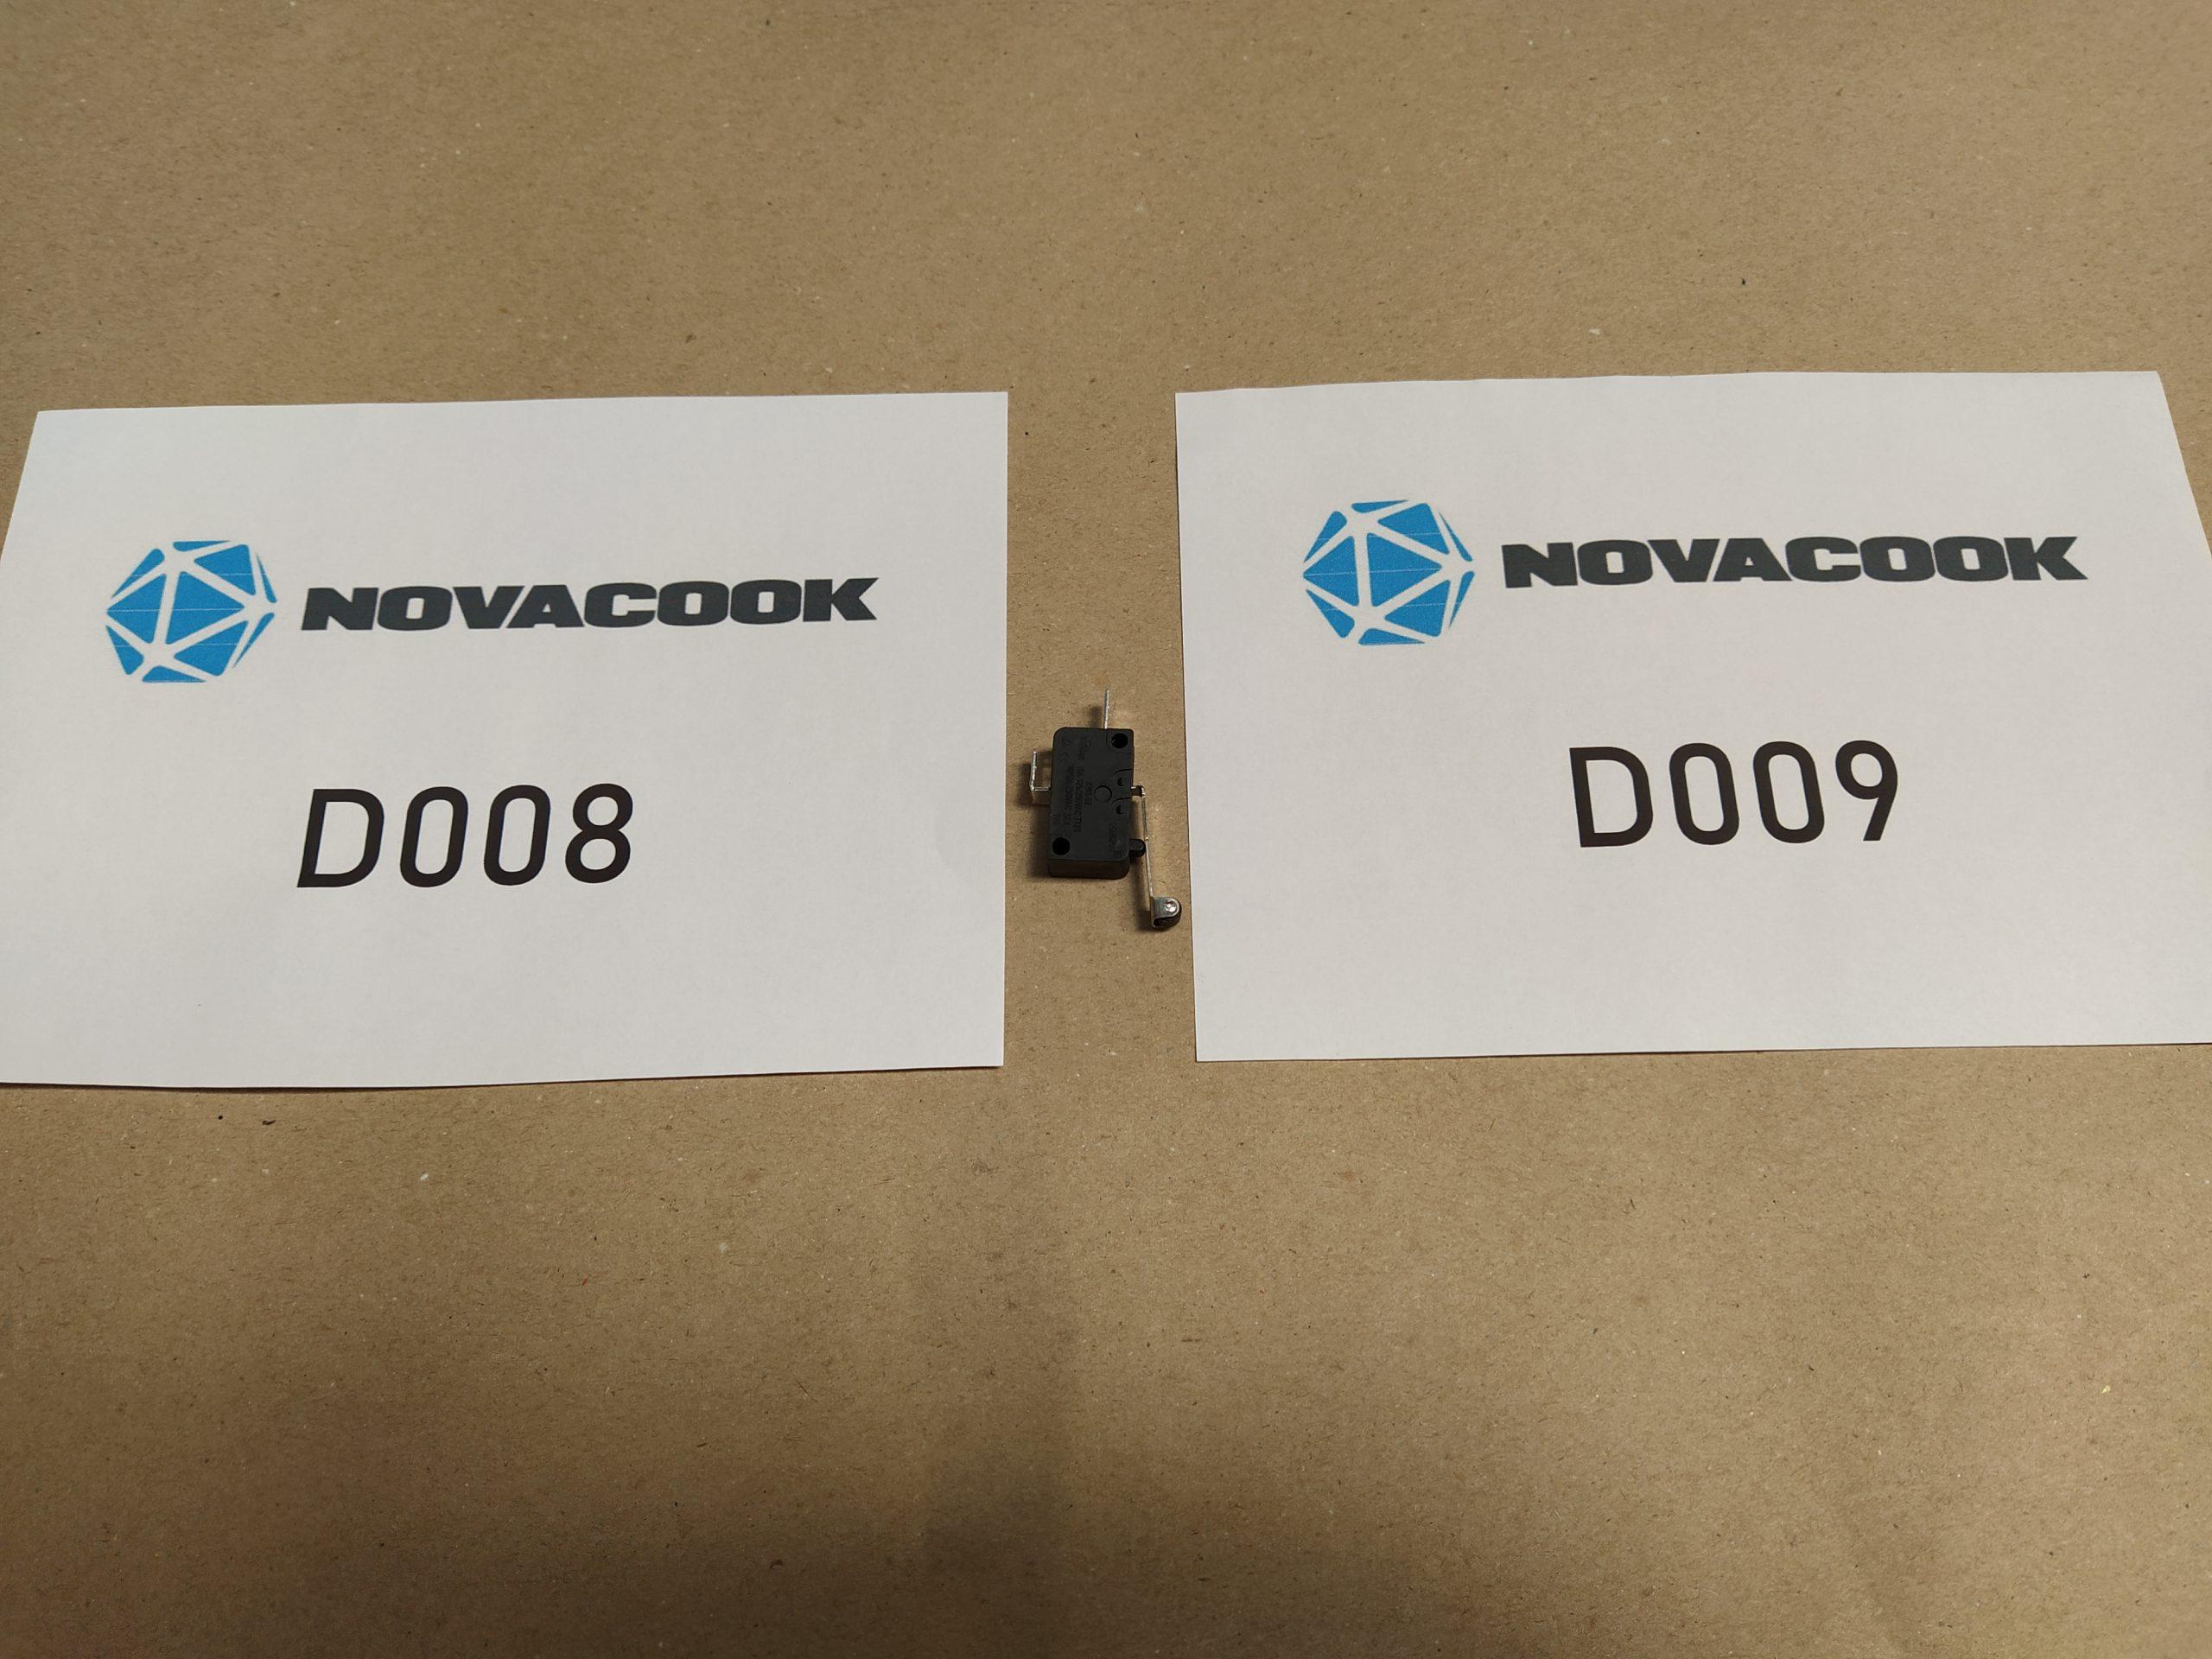 Microkapcsoló (D008 és D009 szagelszívóhoz)